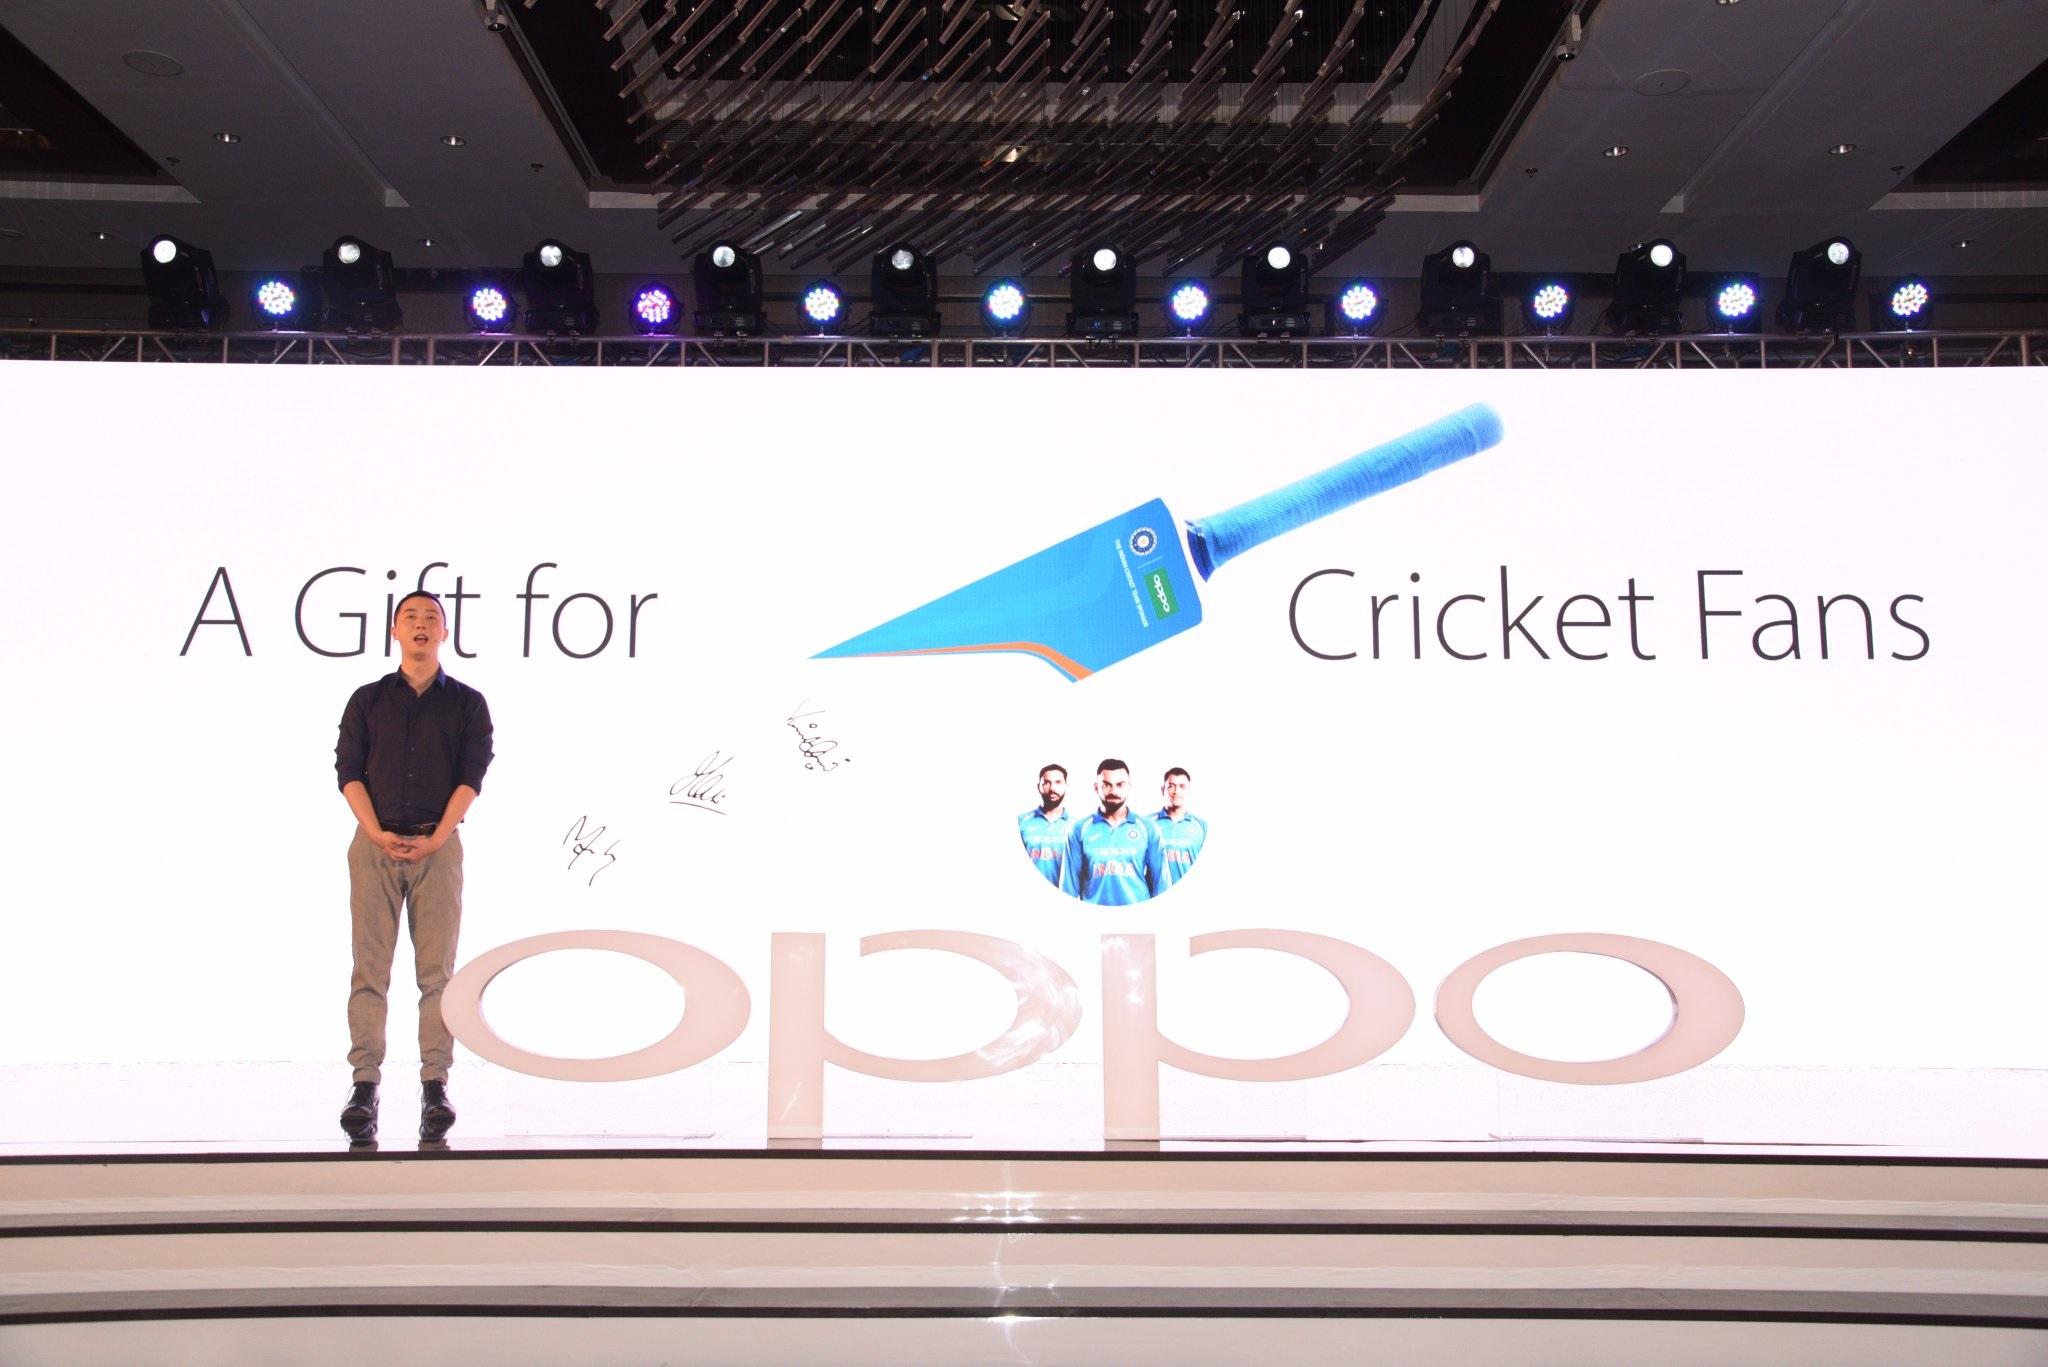 Oppo F3 Diwali Limited Edition Cricket Bat